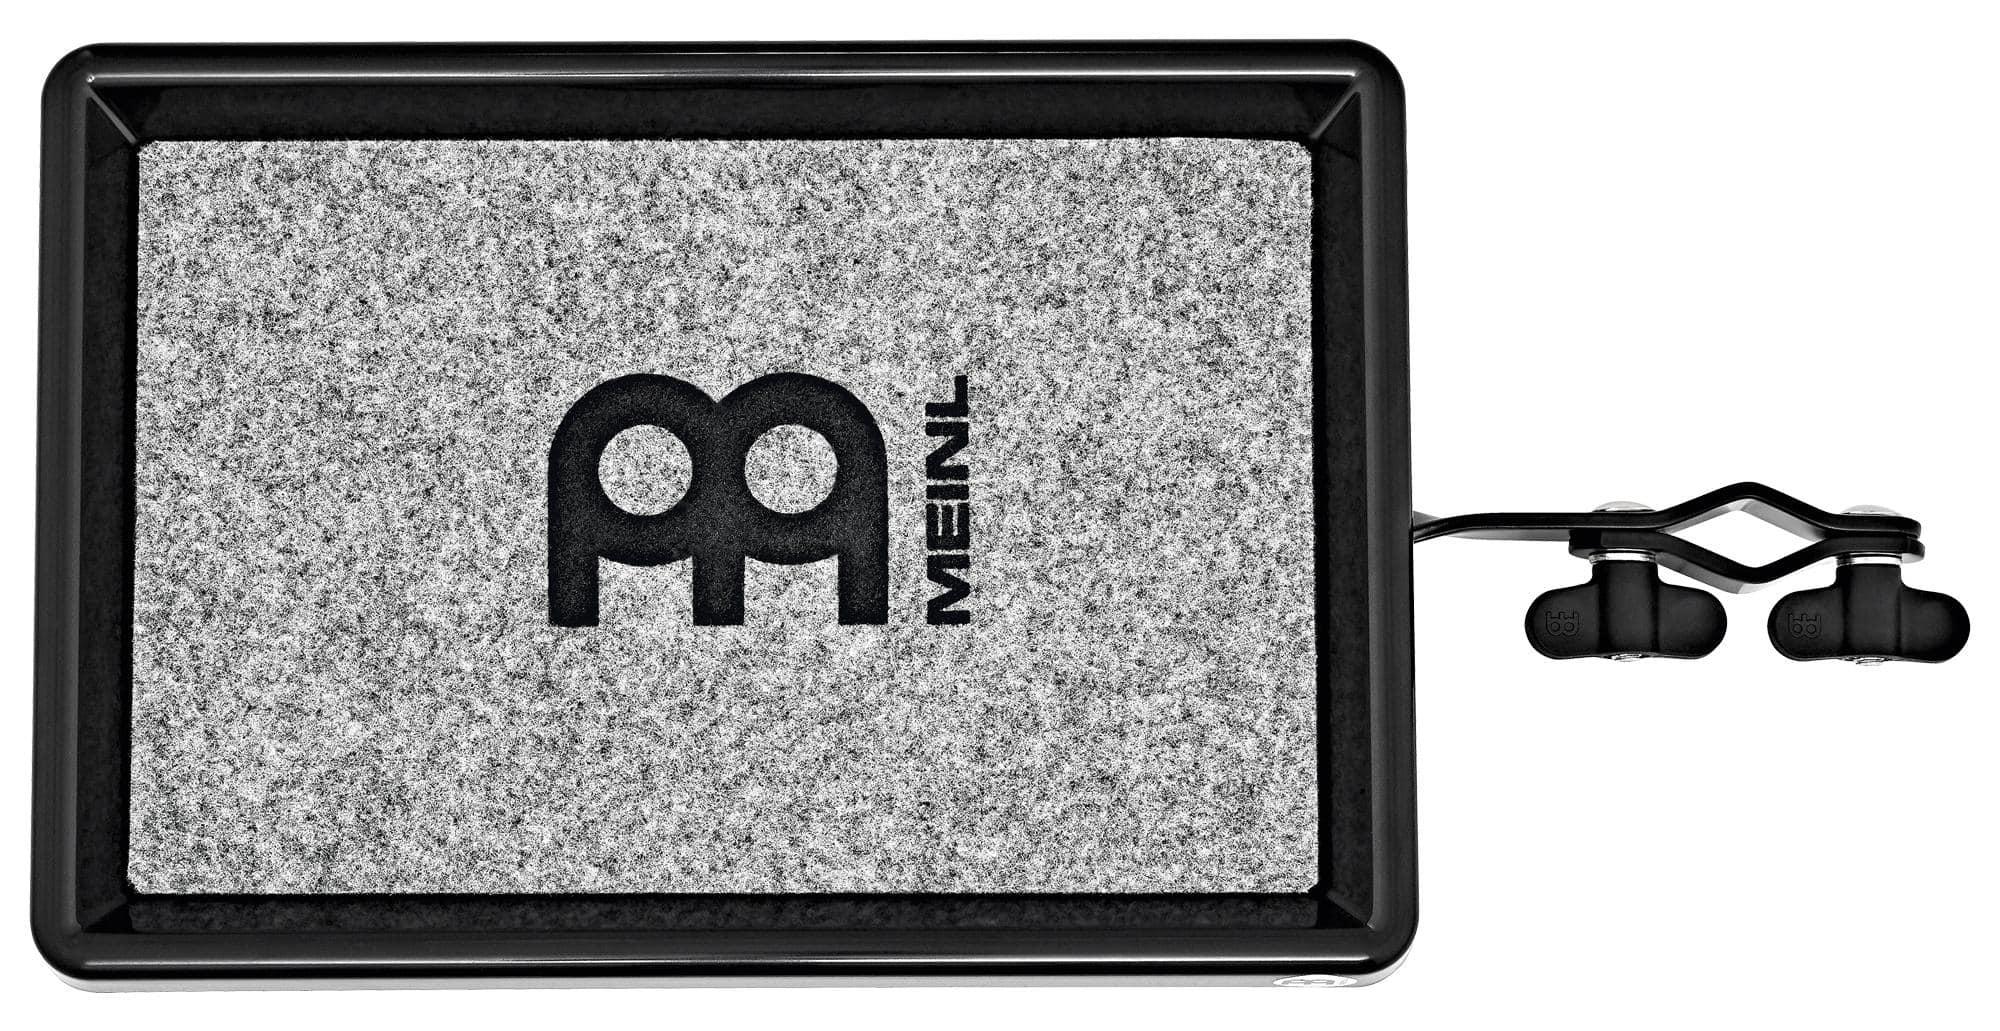 Meinl MC PTXS Percussion Table 11' x 7'